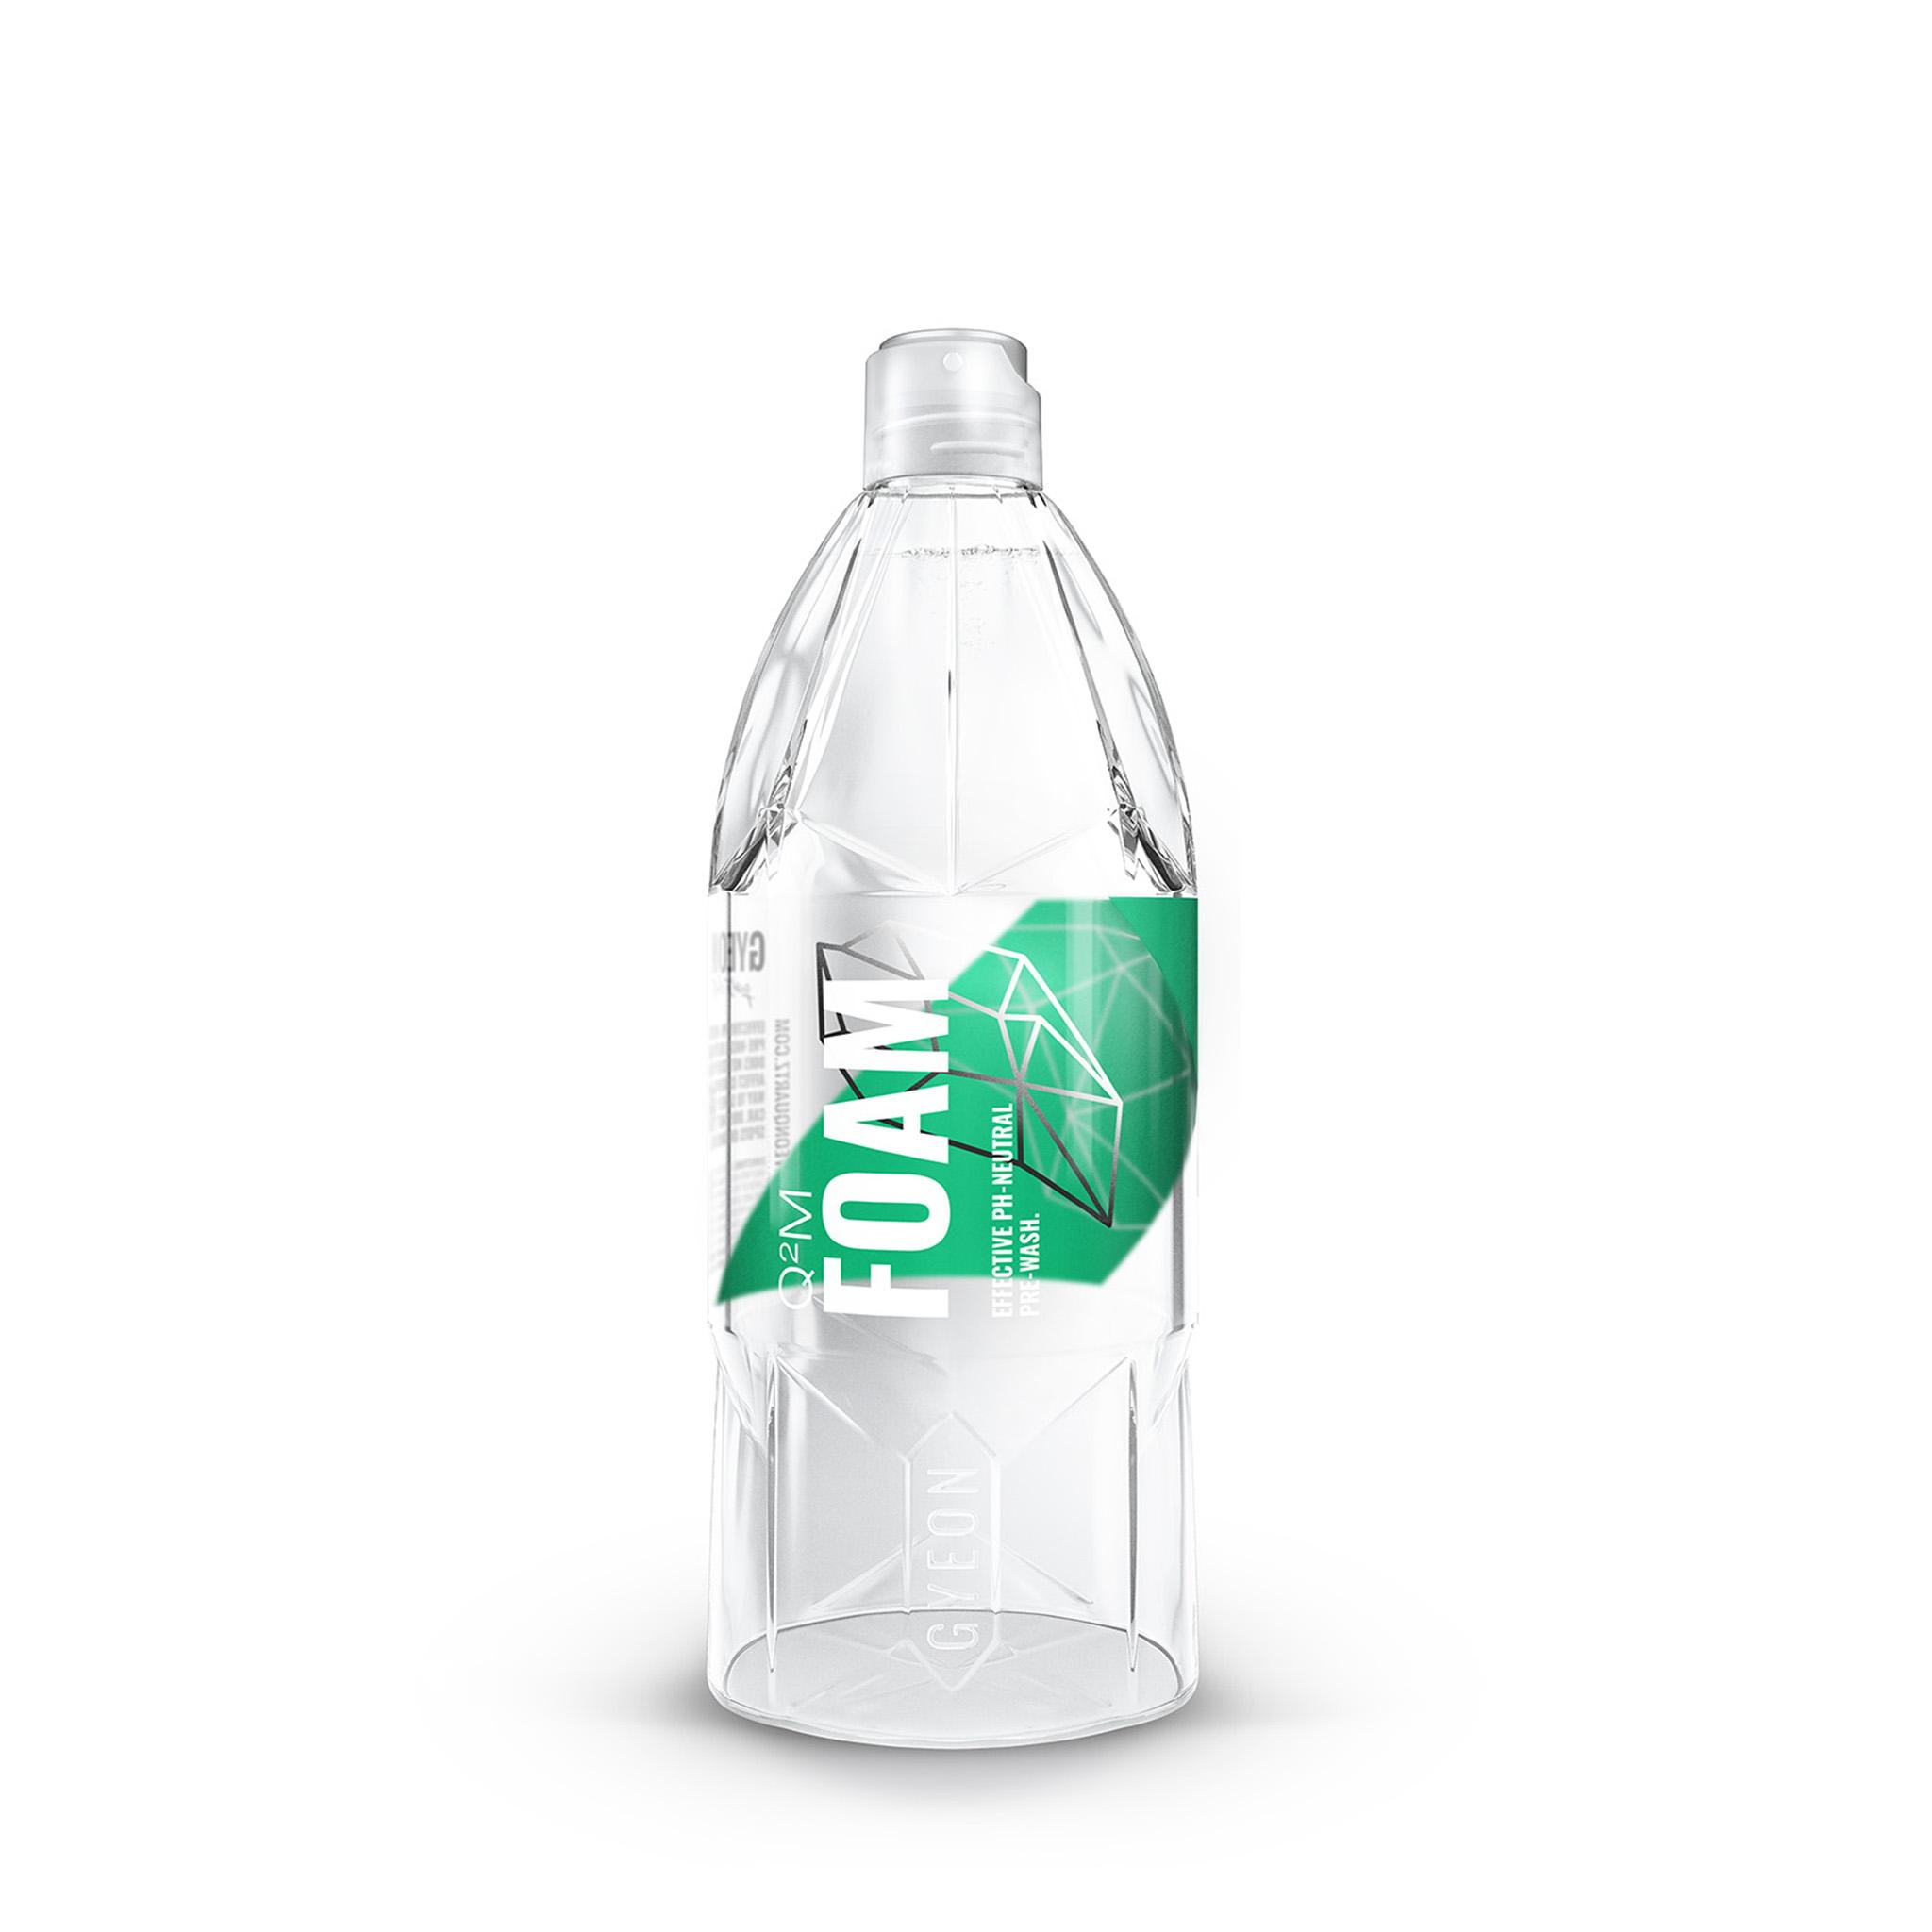 Förtvättsmedel Gyeon Q²M Foam, 1000 ml